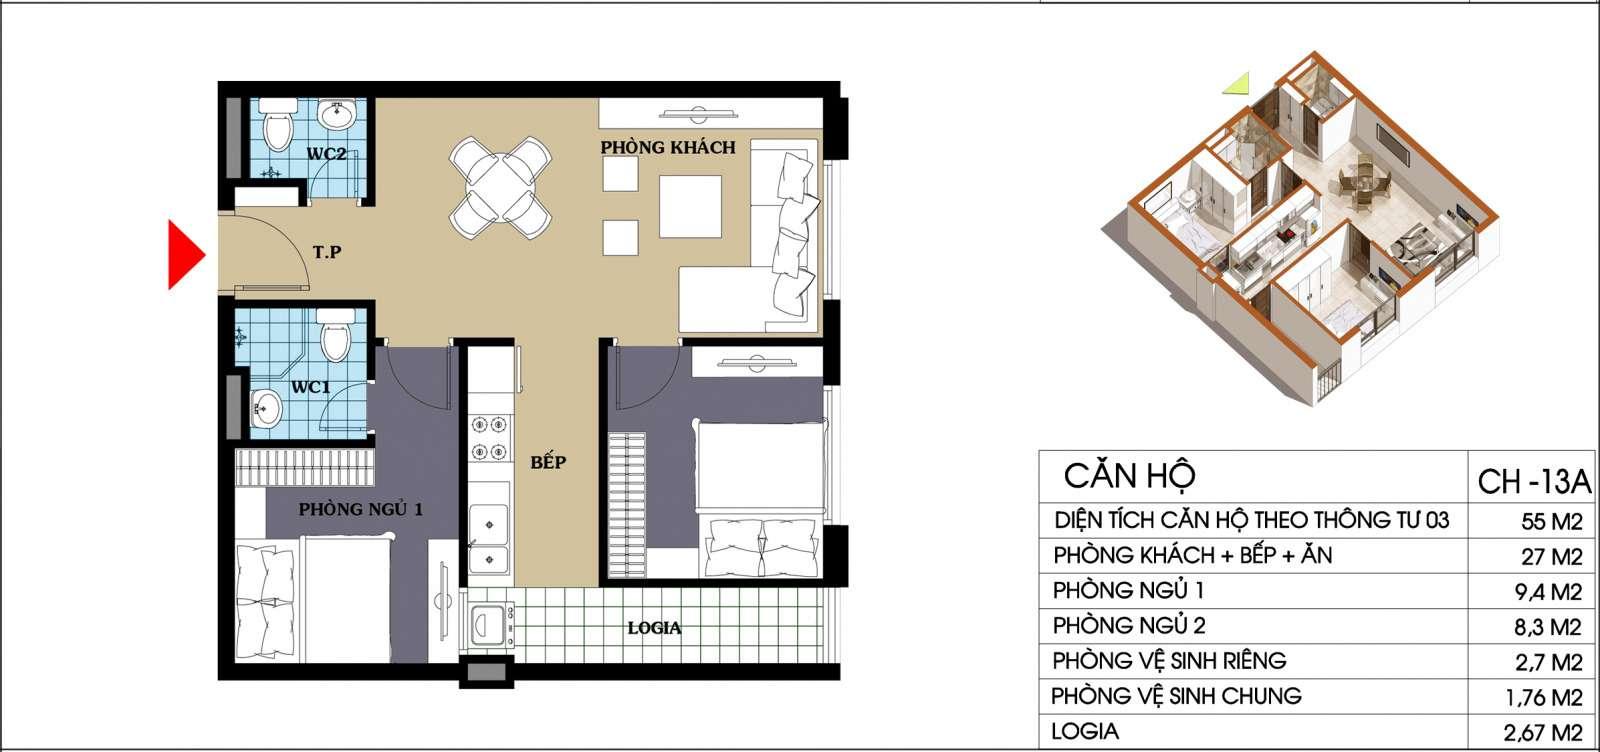 Thiết kế căn hộ 55 m2 chung cư 987 tam trinh